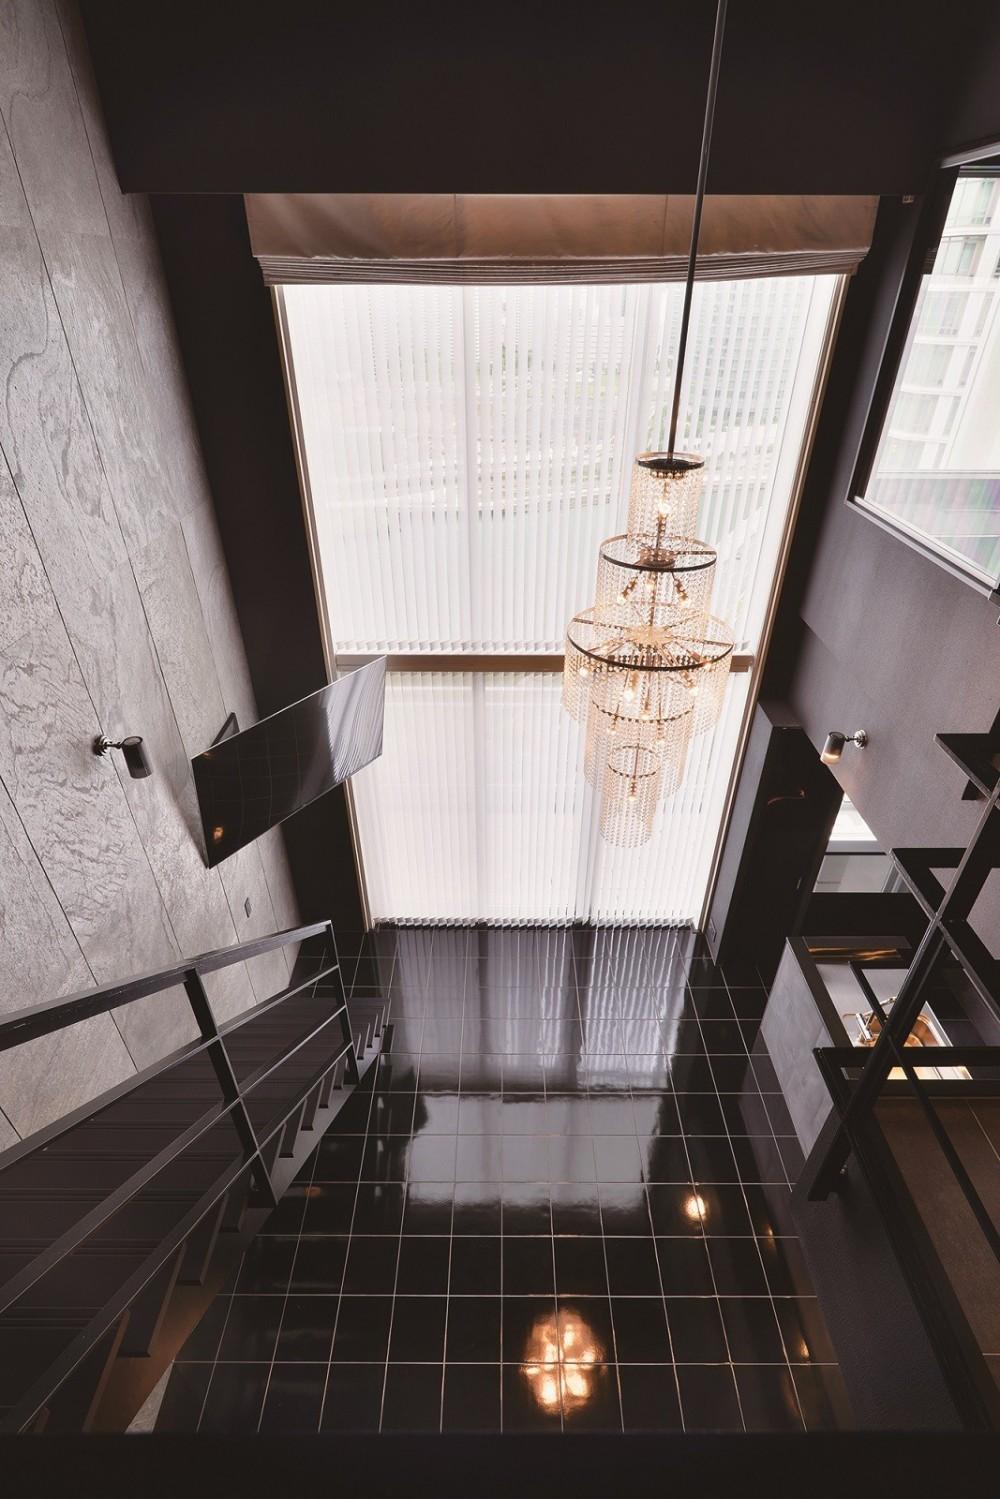 吹き抜け空間を中心としたフルリノベーション (2階から吹き抜け空間を眺める)